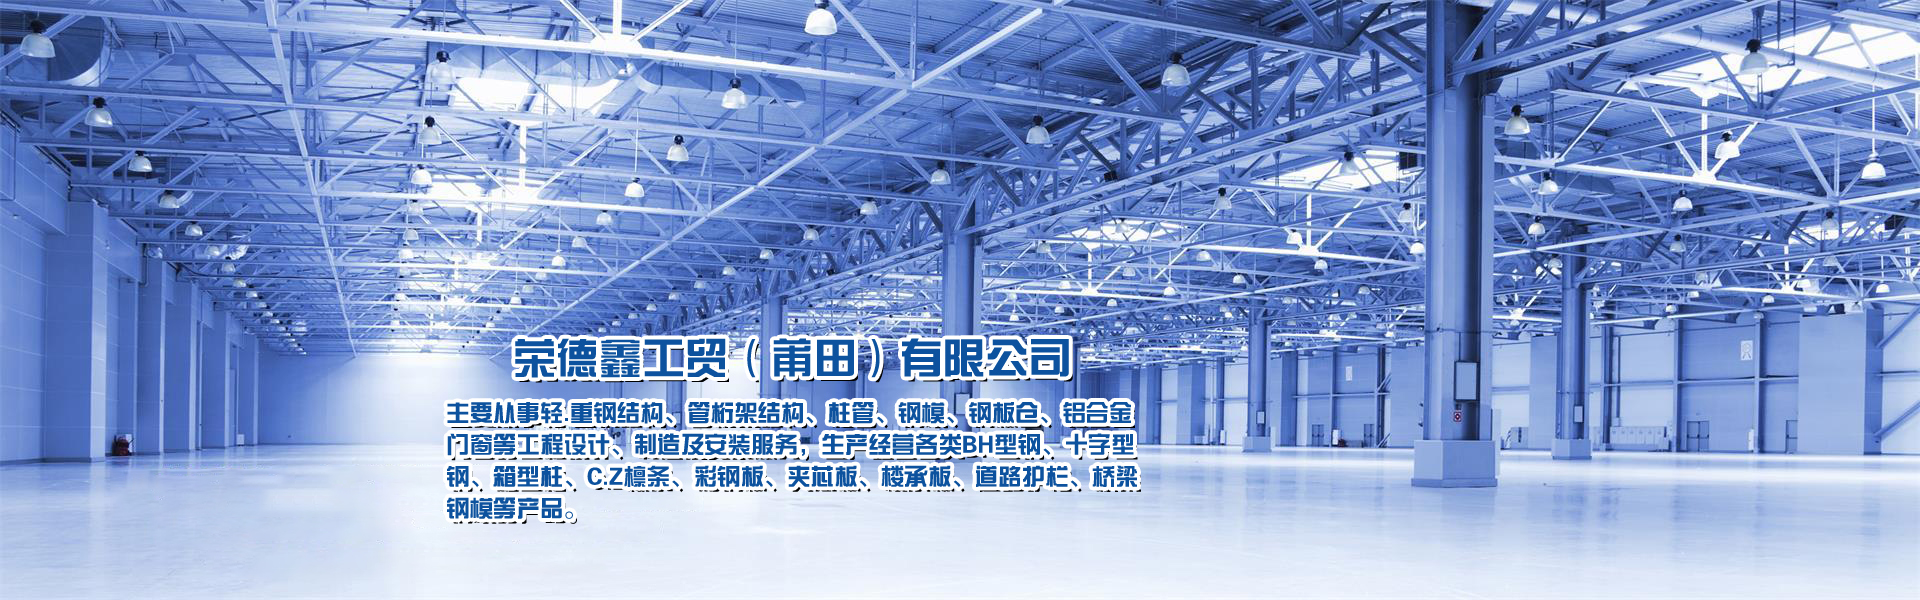 荣德鑫钢结构工贸(莆田)超碰公开视频